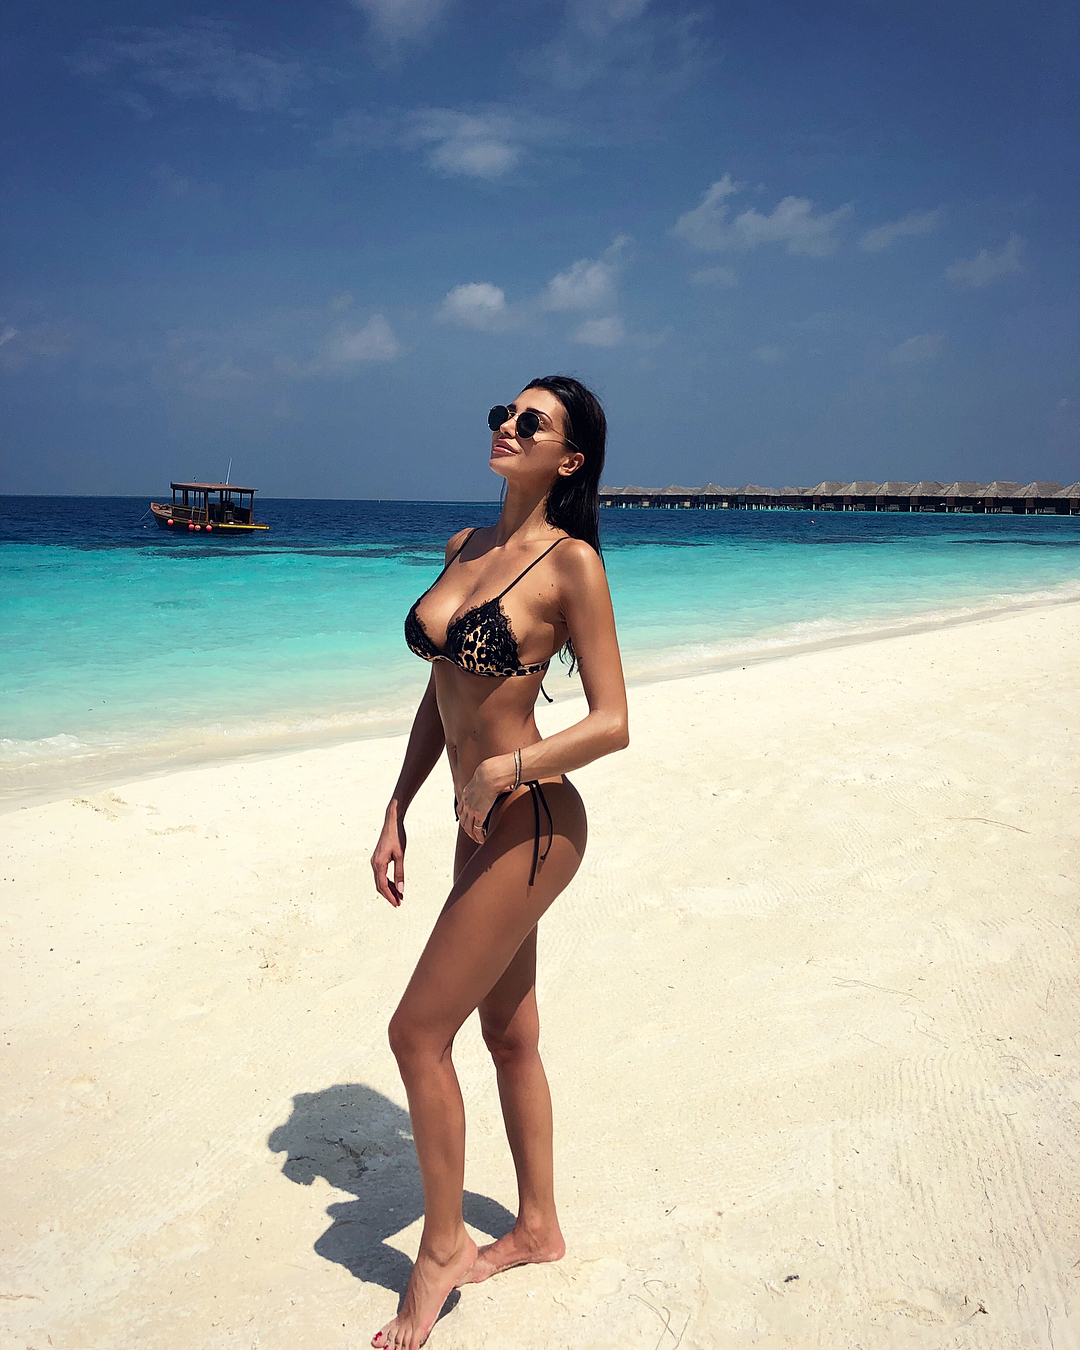 Le sorelle Buccino volano alle Maldive. Due delle tre bellissime sorelle buccino sono state beccate alle Maldive a sfoggiare curve mozzafiato, in realtà sono state le stesse sorelle a pubblicare sui loro profili social le foto della loro vacanza al caldo. Già da tempo battezzate le Kardashian italiane,le tre sorelle Buccino sono note per la loro bellezza prorompente. La più celebre è Cristina Buccino, modella da quando aveva 17 anni, ha partecipato all'Isola dei Famosi e ha avuto una relazione con Claudio D'Alessio e, pare, un flirt con Marco Borriello. L'esperienza di naufraga l'ha resa una star seguitissima sui social.